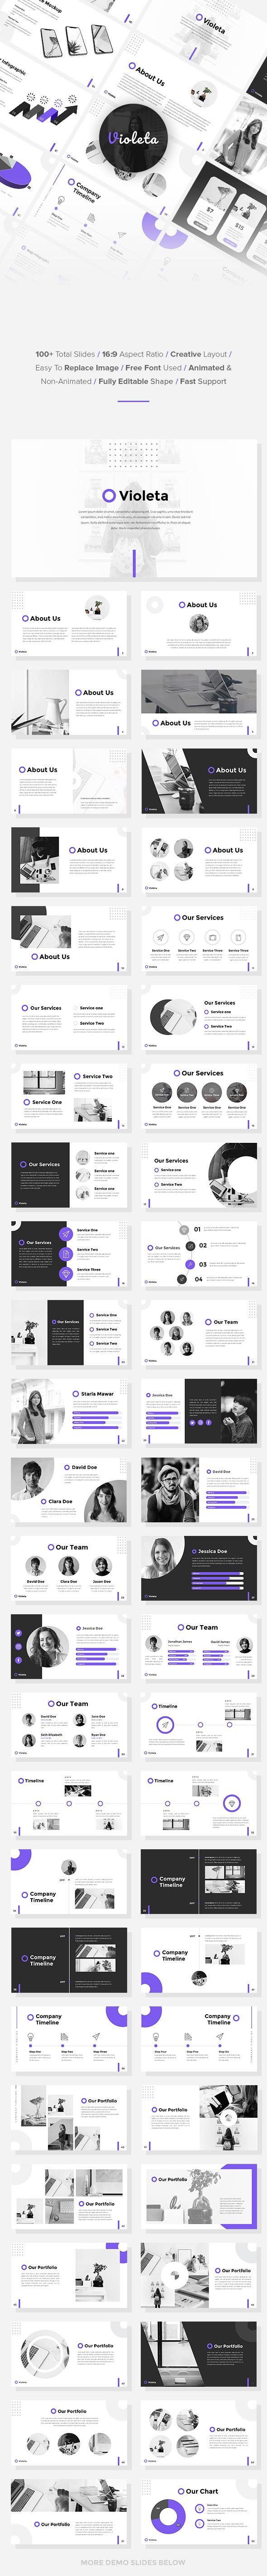 Violeta - StartUp Pitch Deck Google Slides Template - Google Slides Presentation Templates